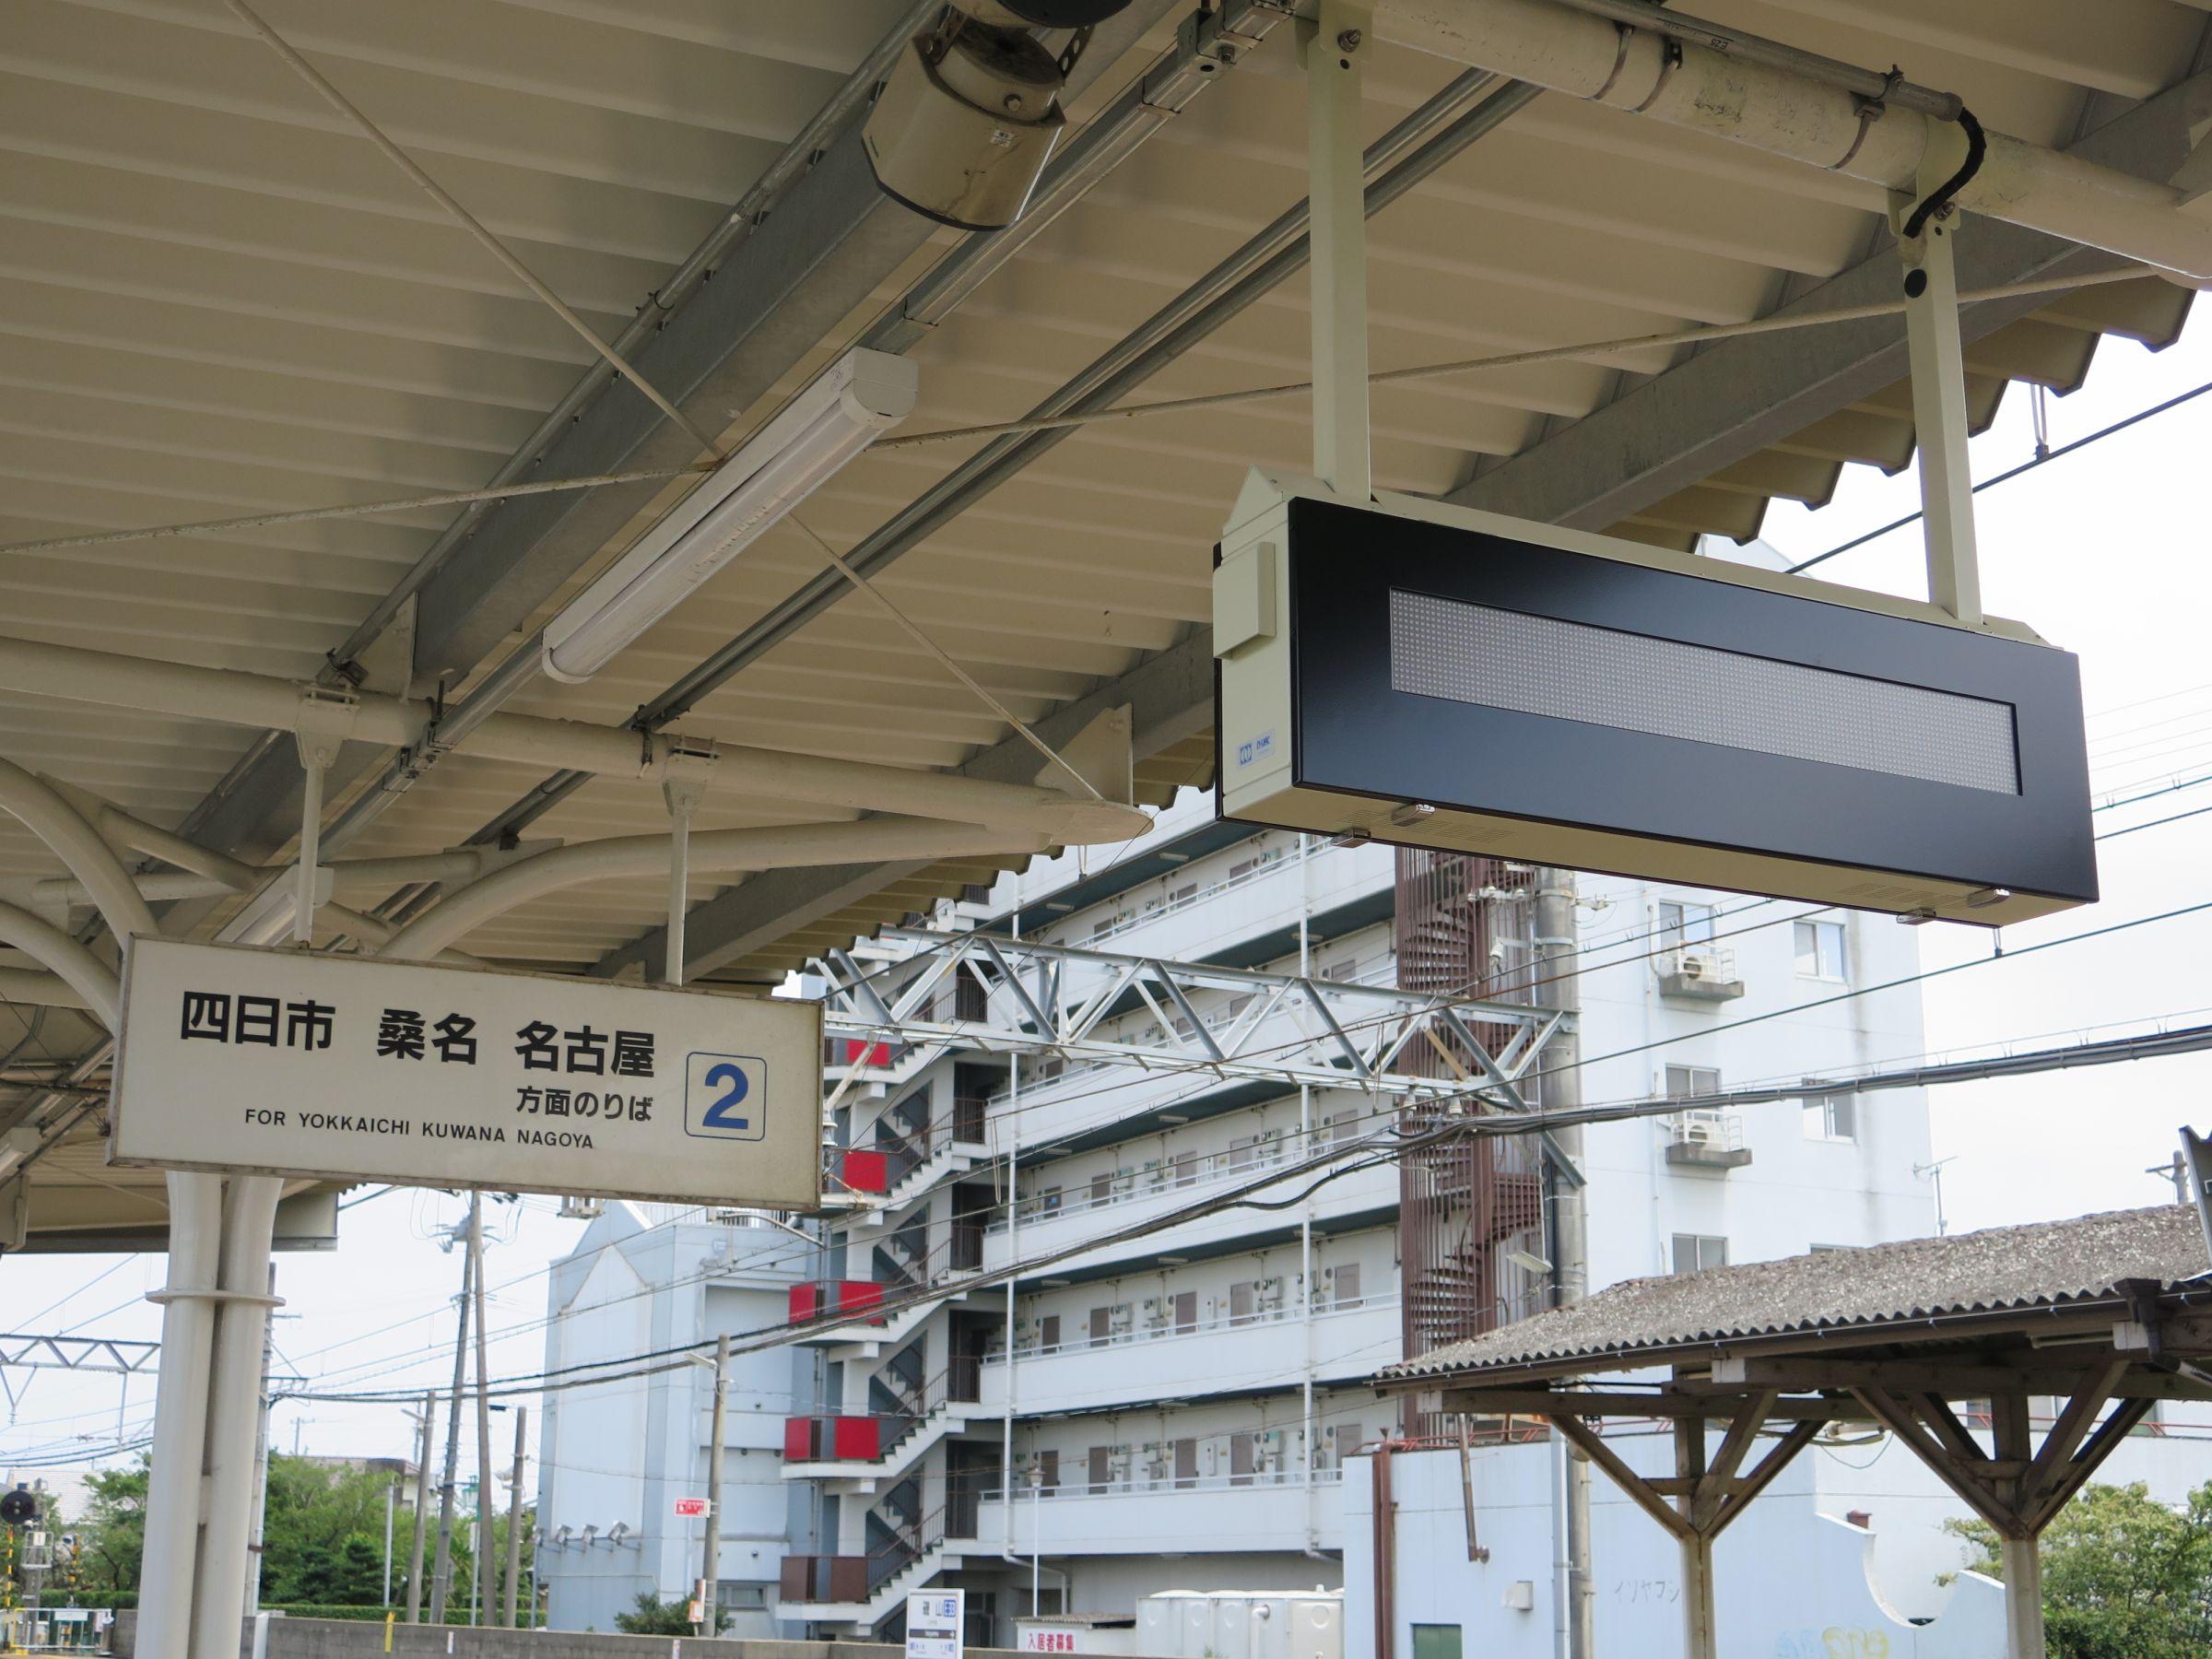 磯山駅 接近案内装置更新